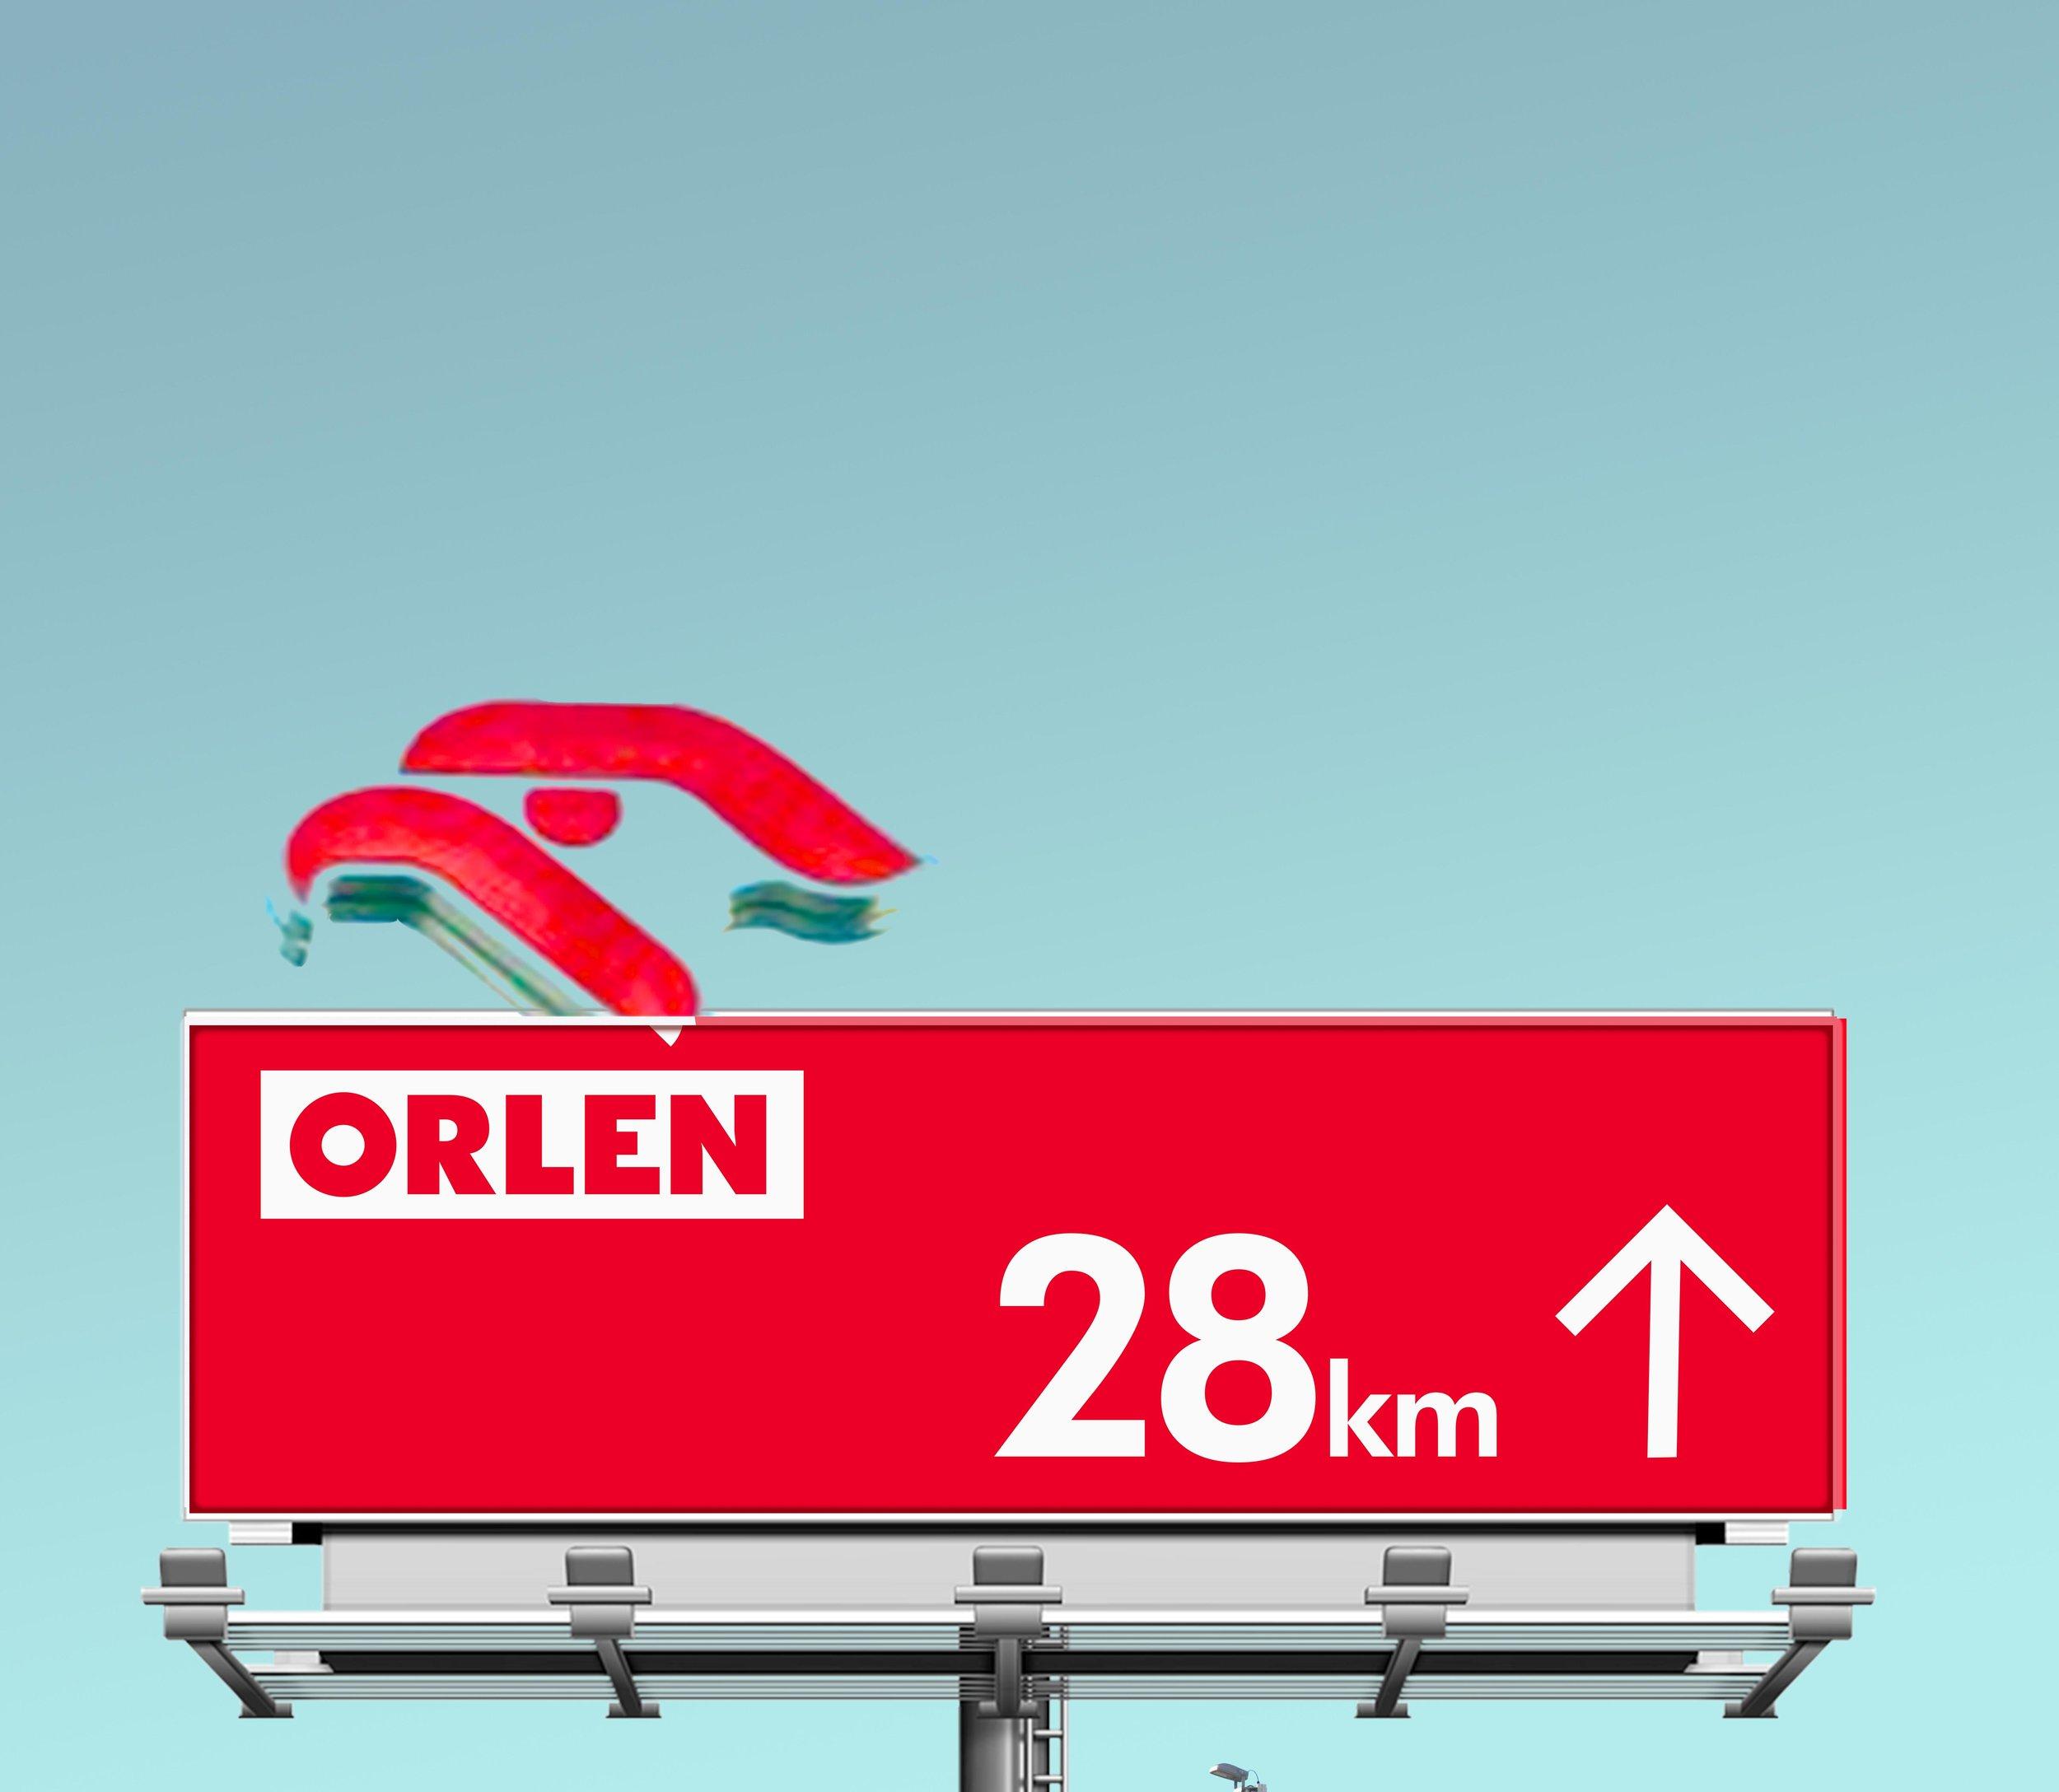 Orlen winning contrat -